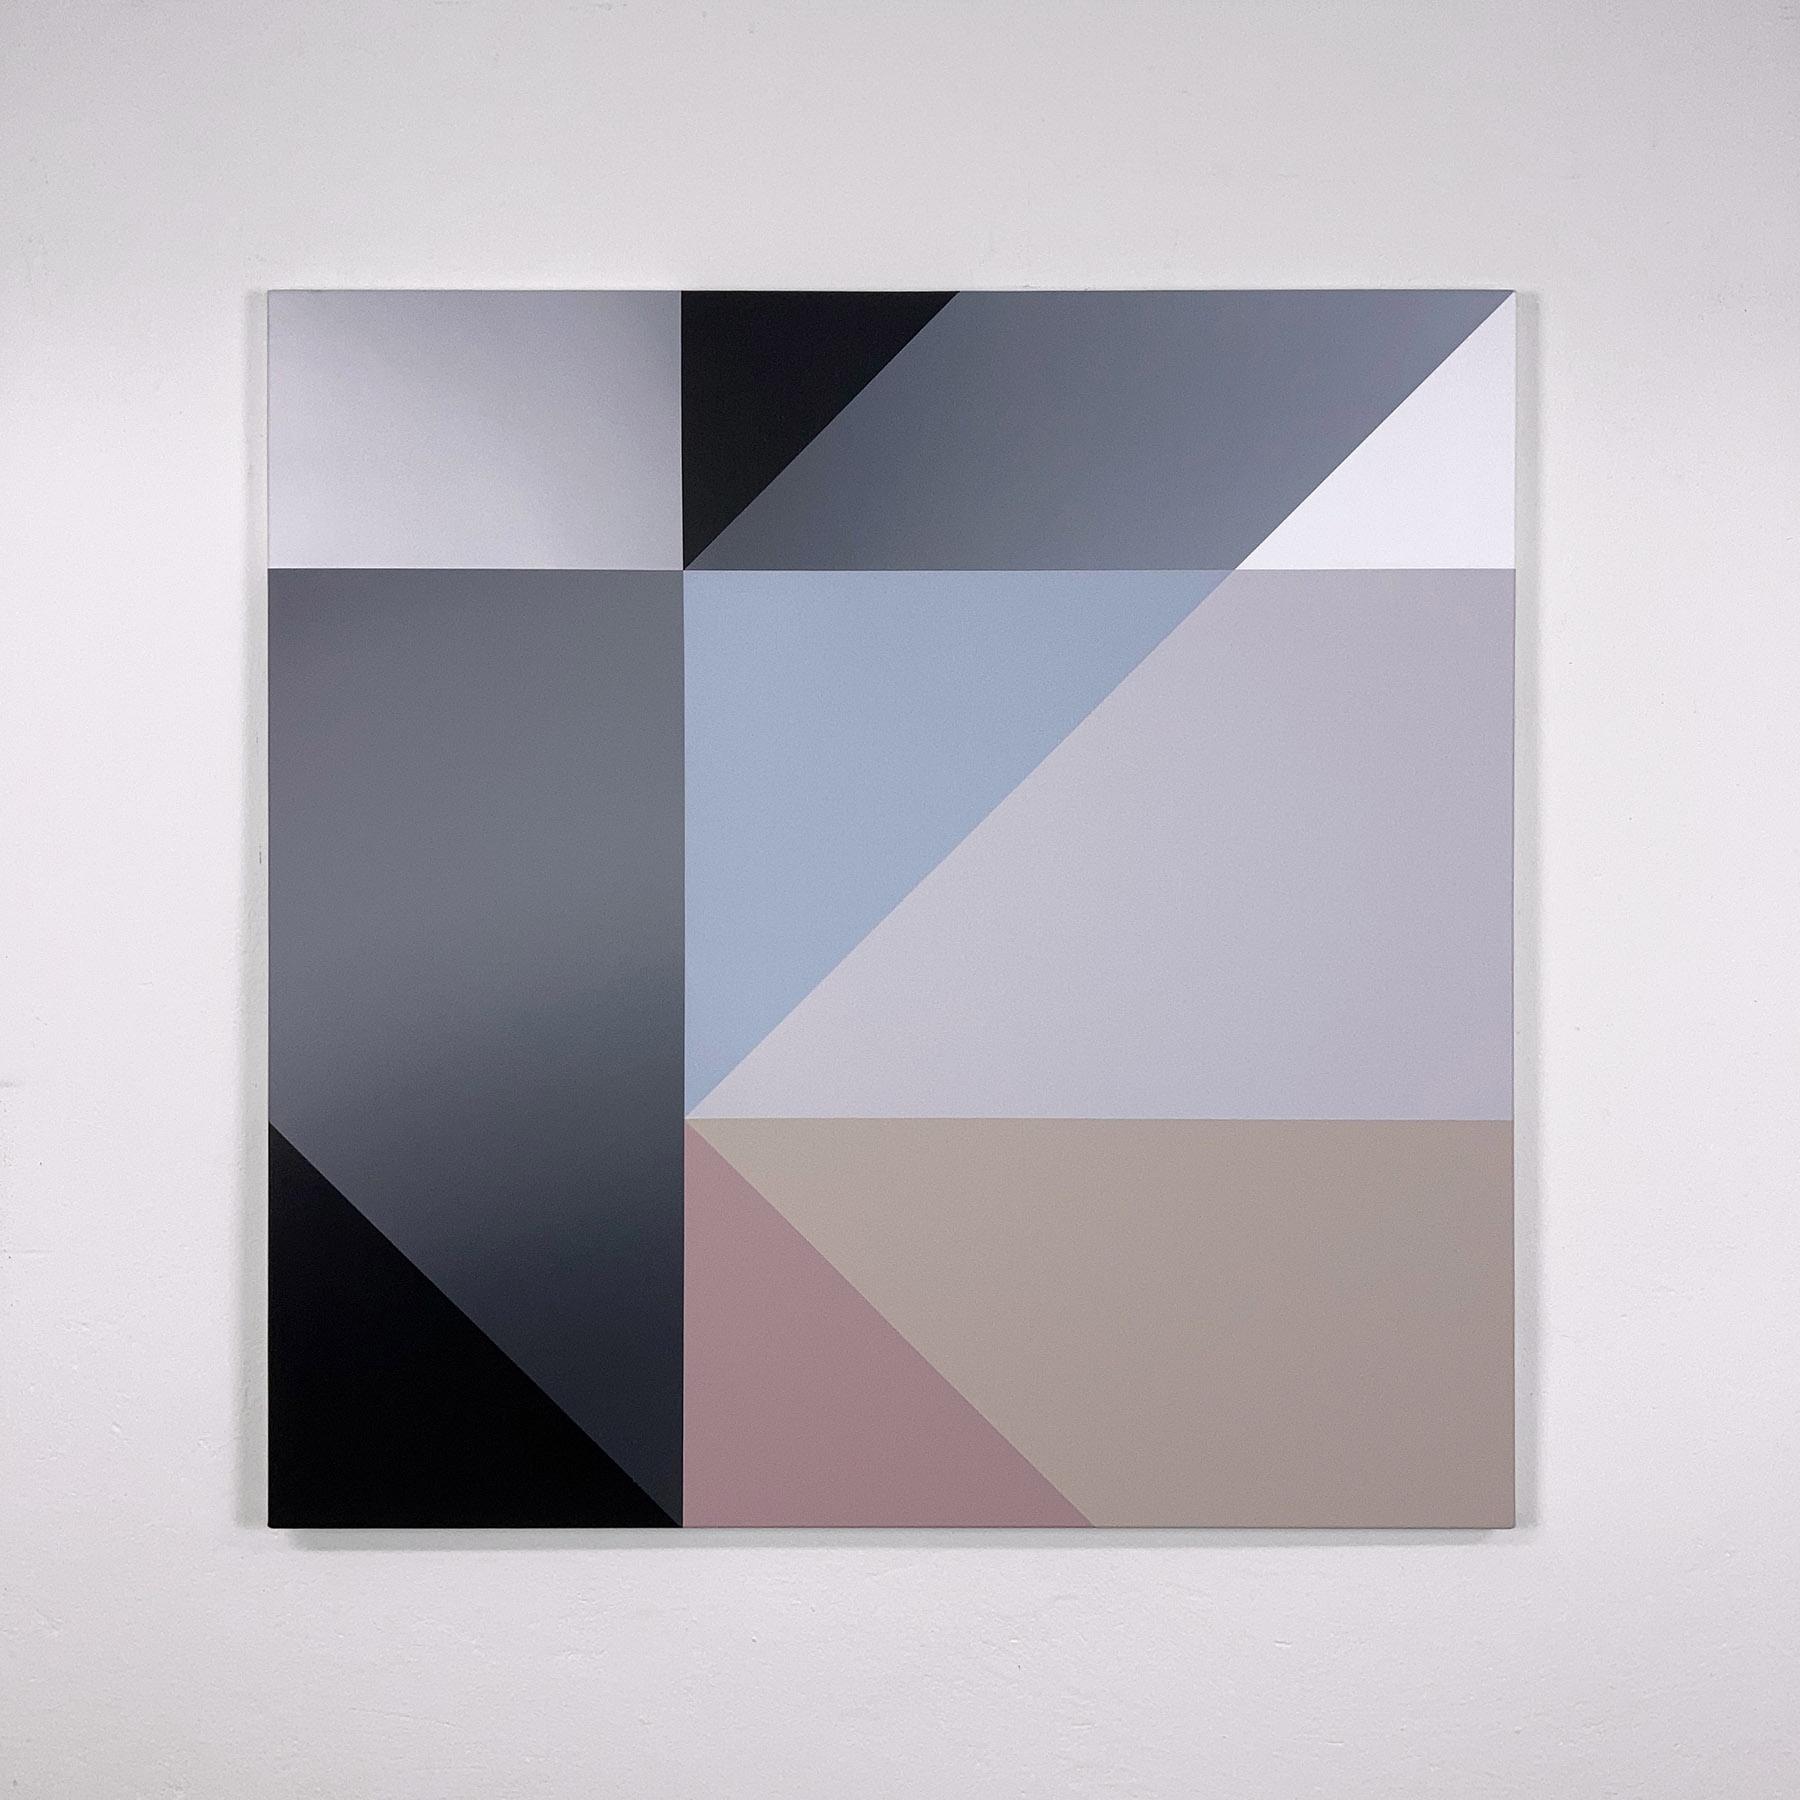 acrylic on canvas, 90 x 90 cm